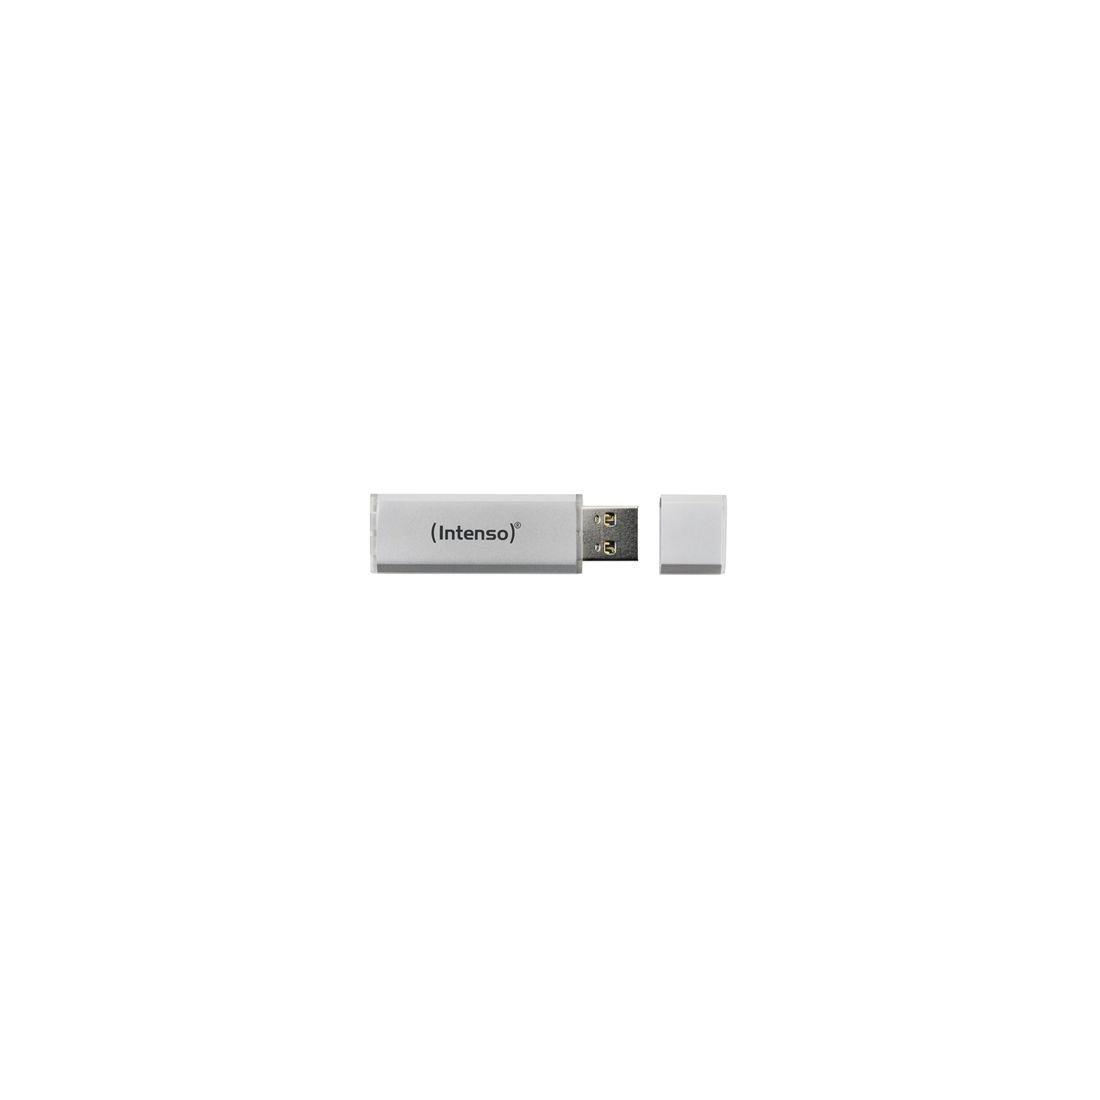 Intenso 3531490 Lapiz USB 30 Ultra 64GB